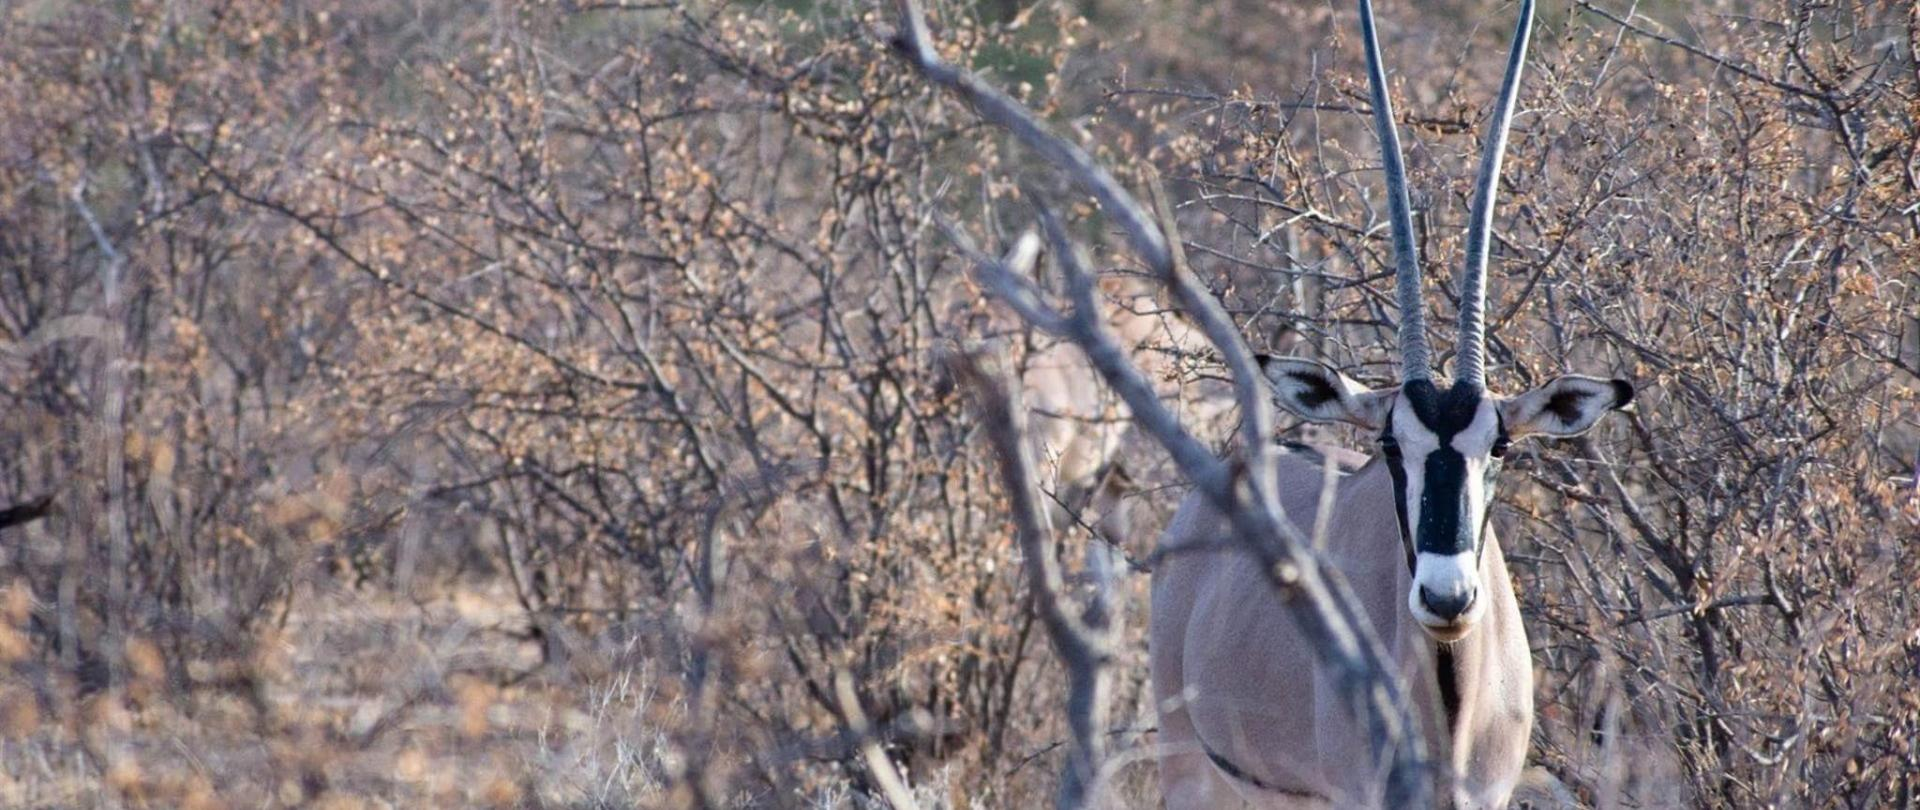 heather-sutherland-instagram-oryx-in-bush-aug-1.JPG